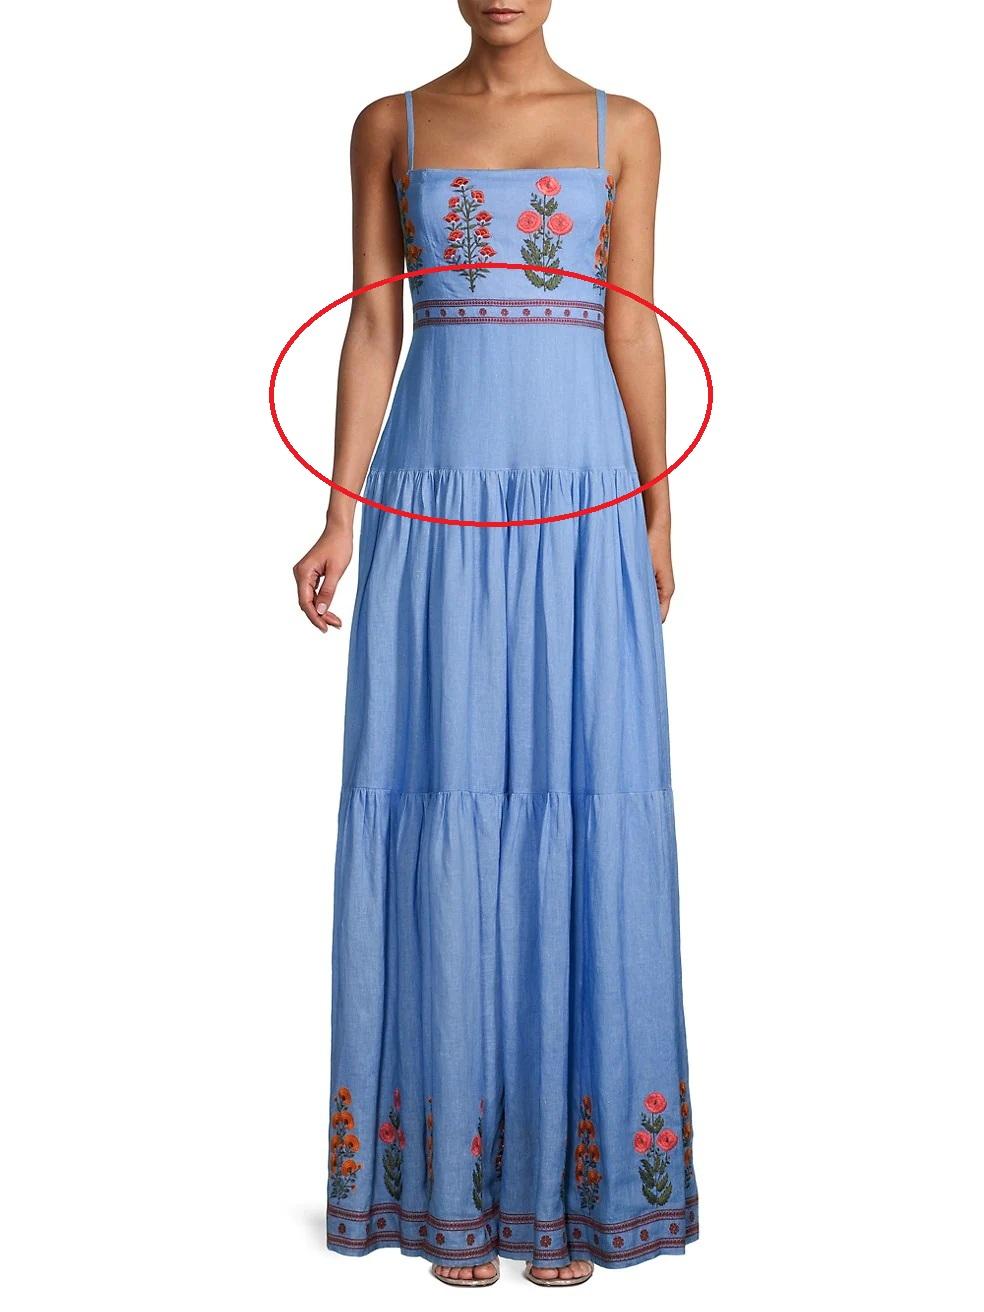 Rosé diện váy maxi dài thượt mà không bị dìm dáng, hóa ra stylist đã chơi chiêu quá khéo 'đánh đố' netizen - Ảnh 4